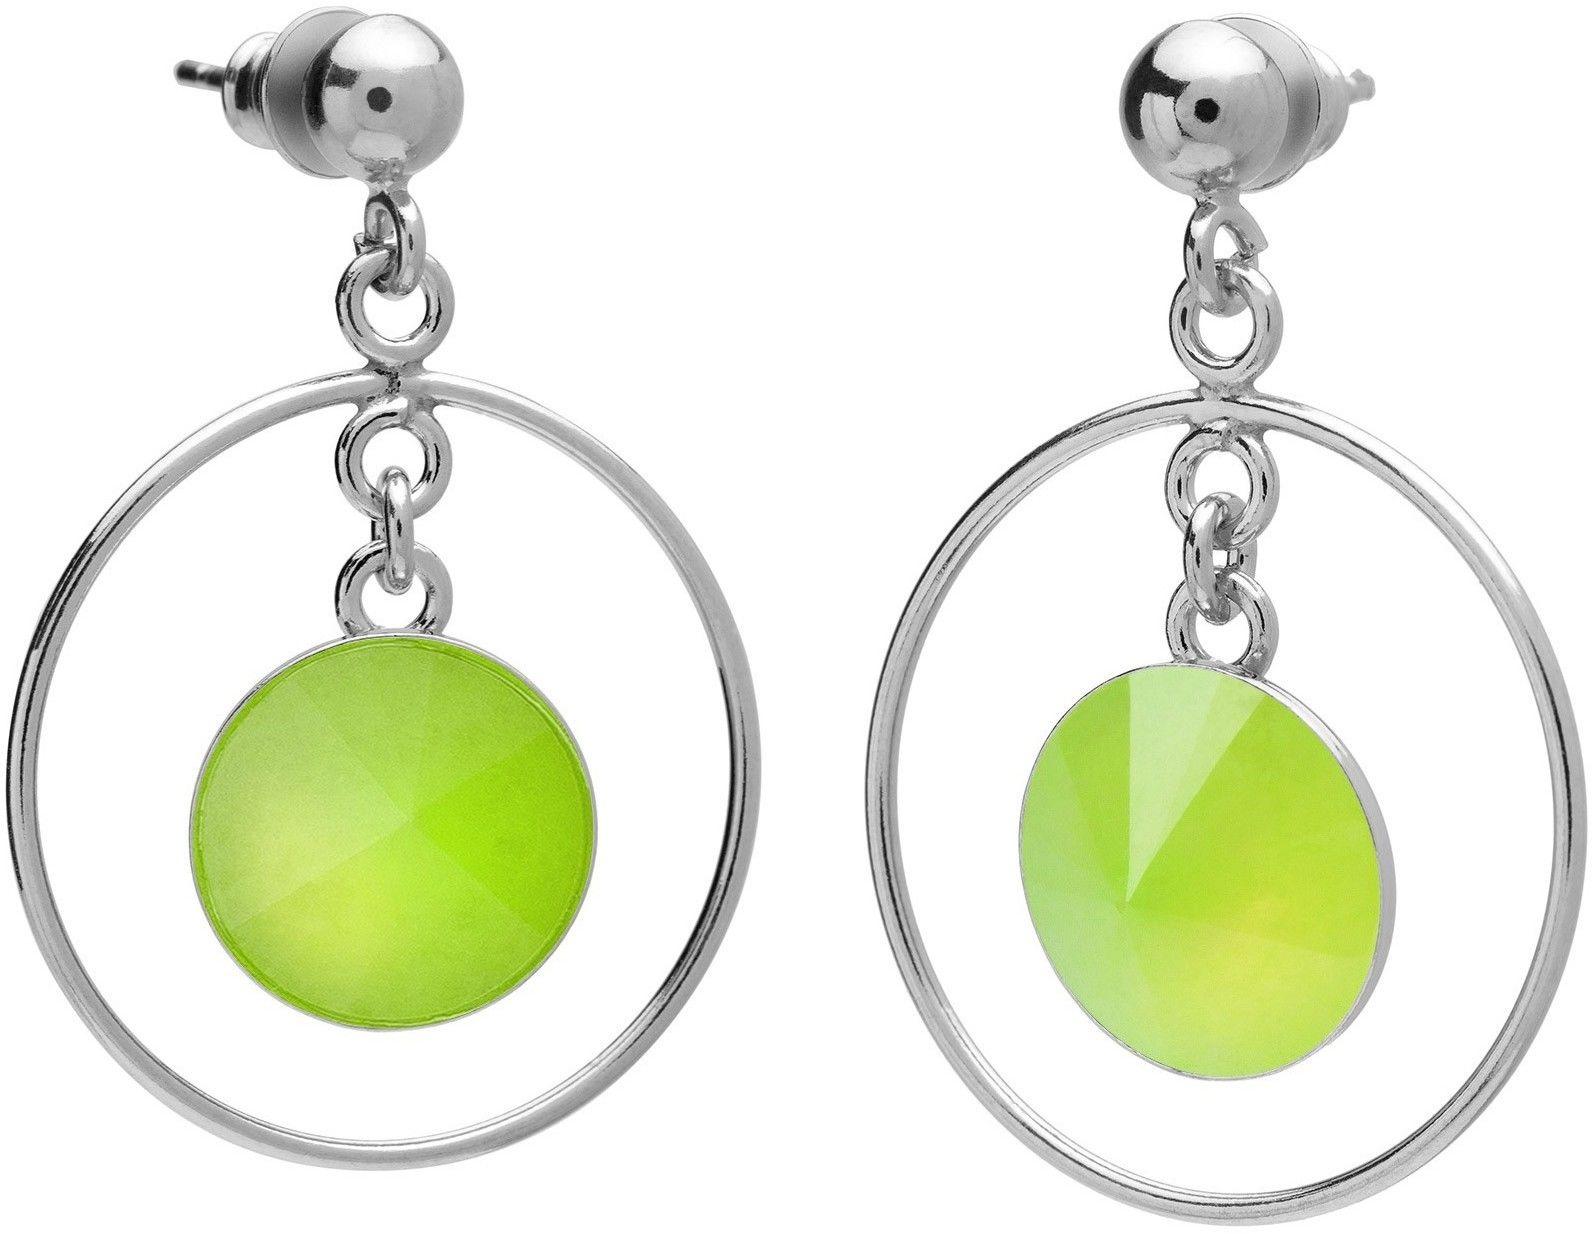 Okrągłe kolczyki z naturalnym kamieniem, chryzopraz, srebro 925 : Kamienie naturalne - kolor - chryzopraz zielony jasny, Srebro - kolor pokrycia - Pokrycie platyną